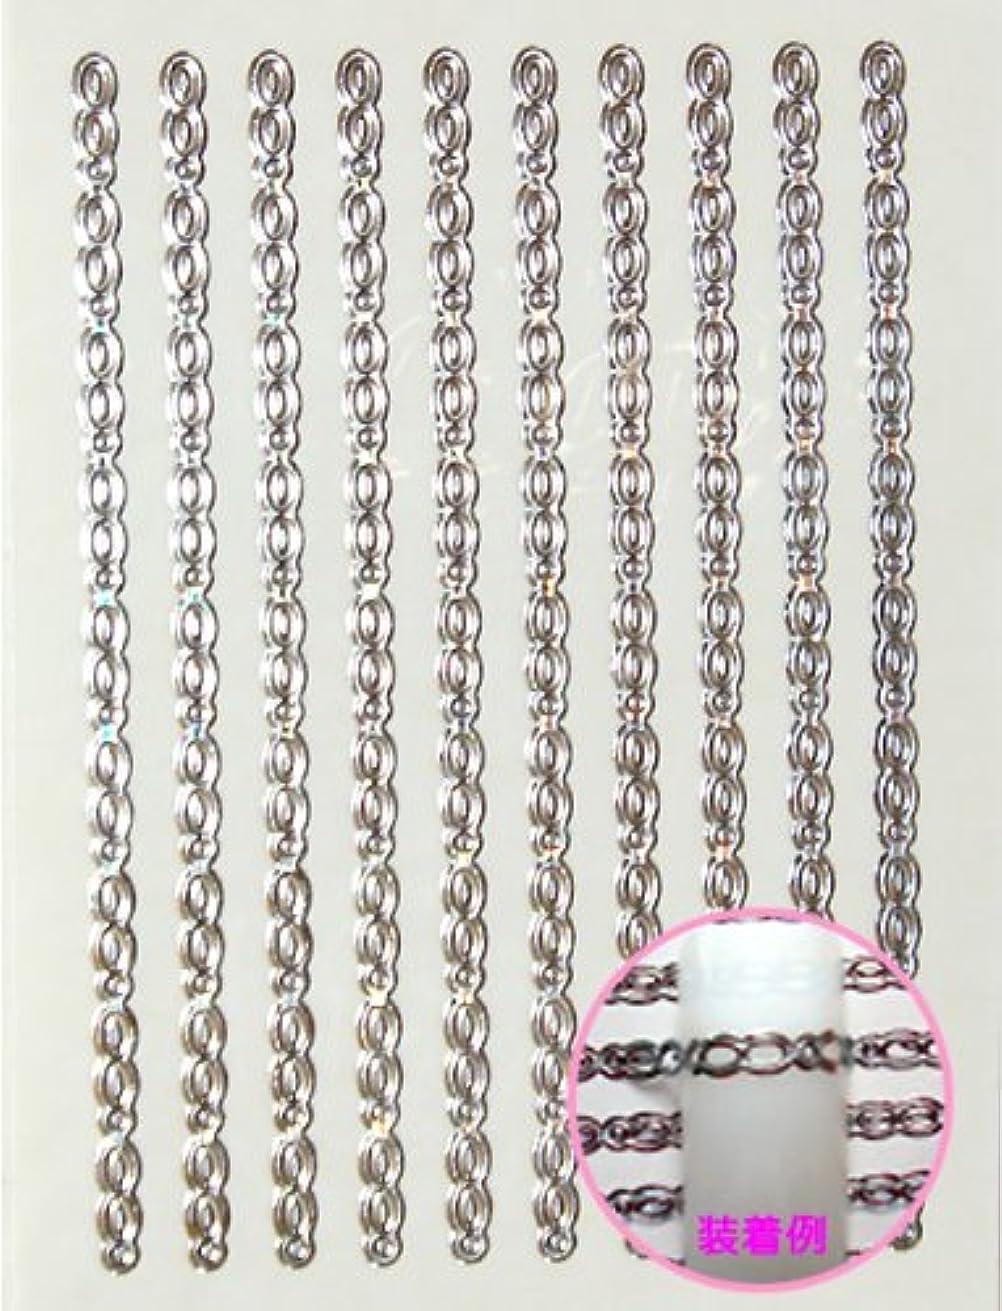 警報調停する簡単にネイルシール メタルパーツのようなネイルシール チェーンシルバー [#3]ネイルアート 貼るだけアート